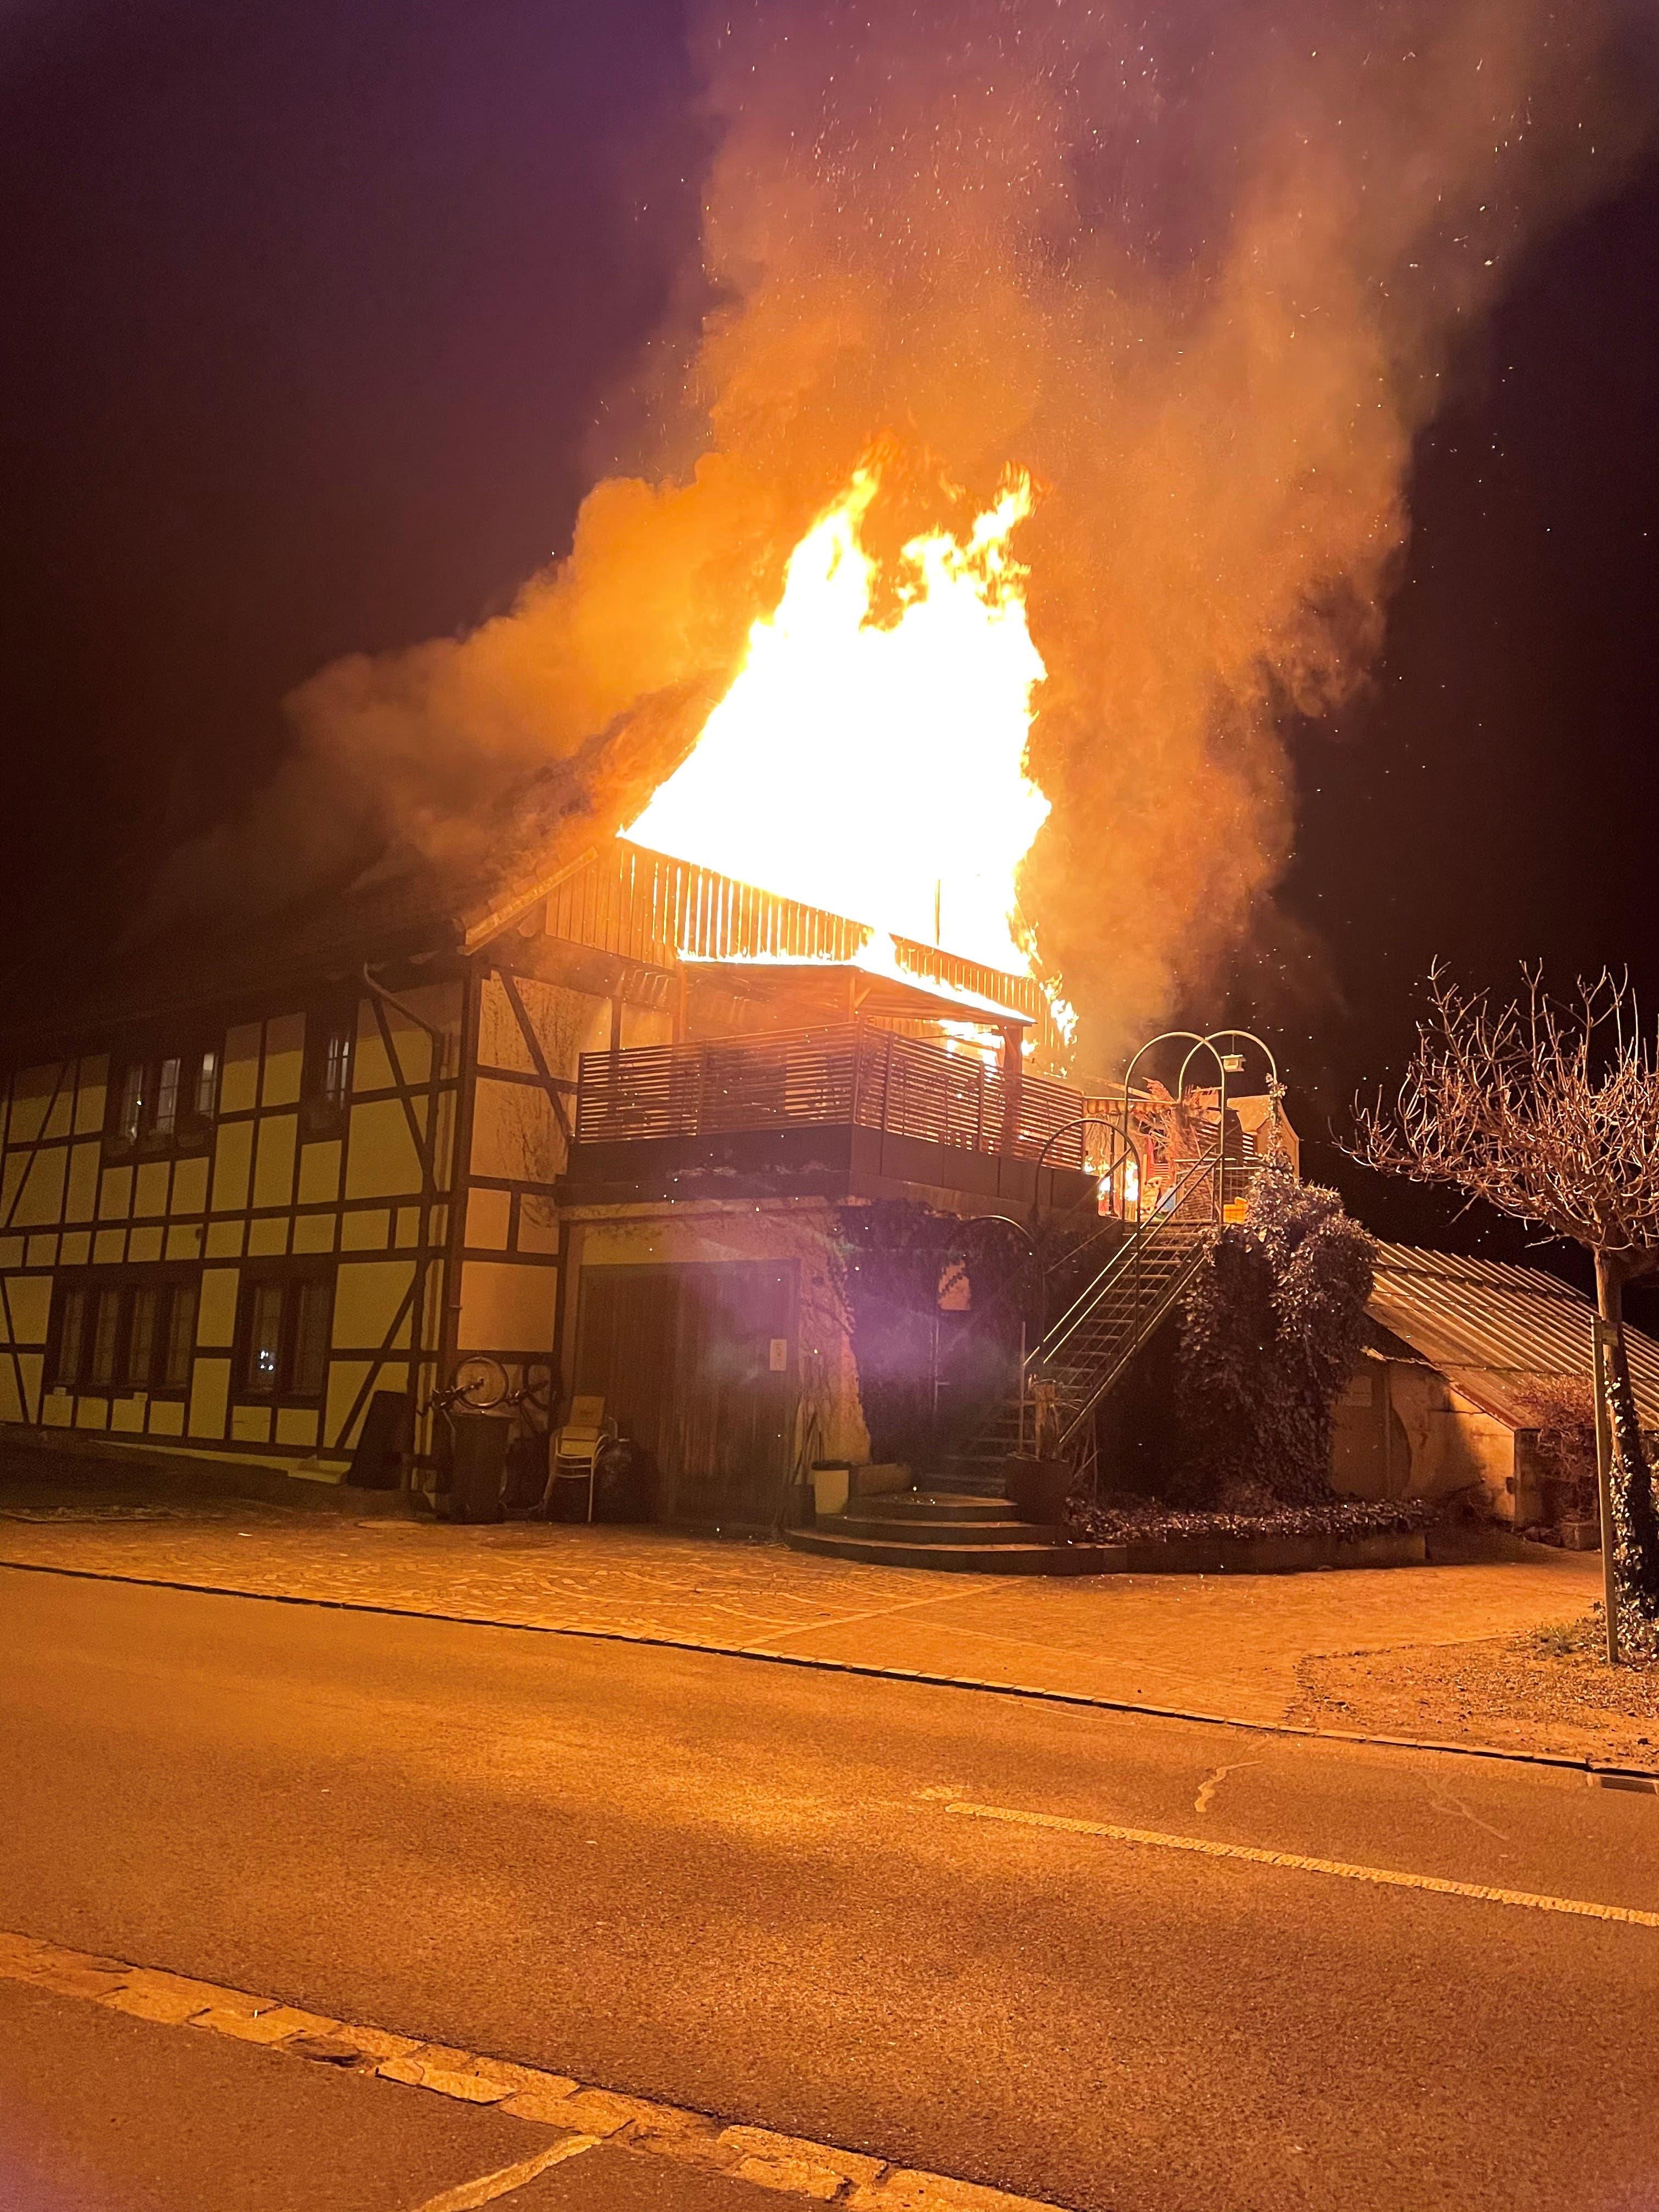 Beim Eintreffen der Feuerwehr stand das Haus in Vollbrand.